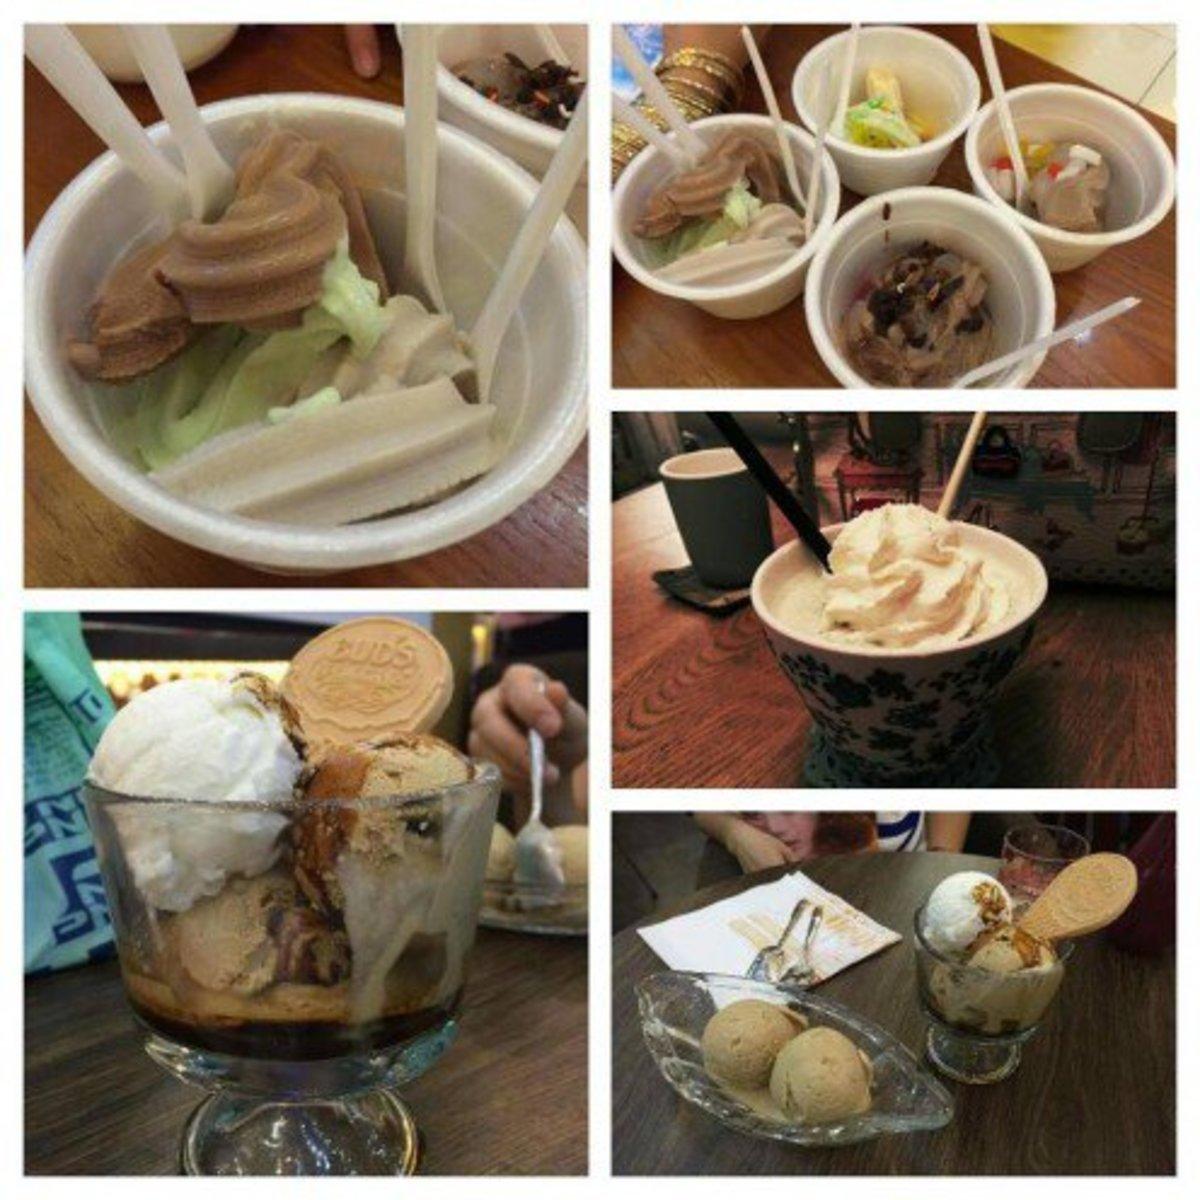 Ice cream is everywhere!